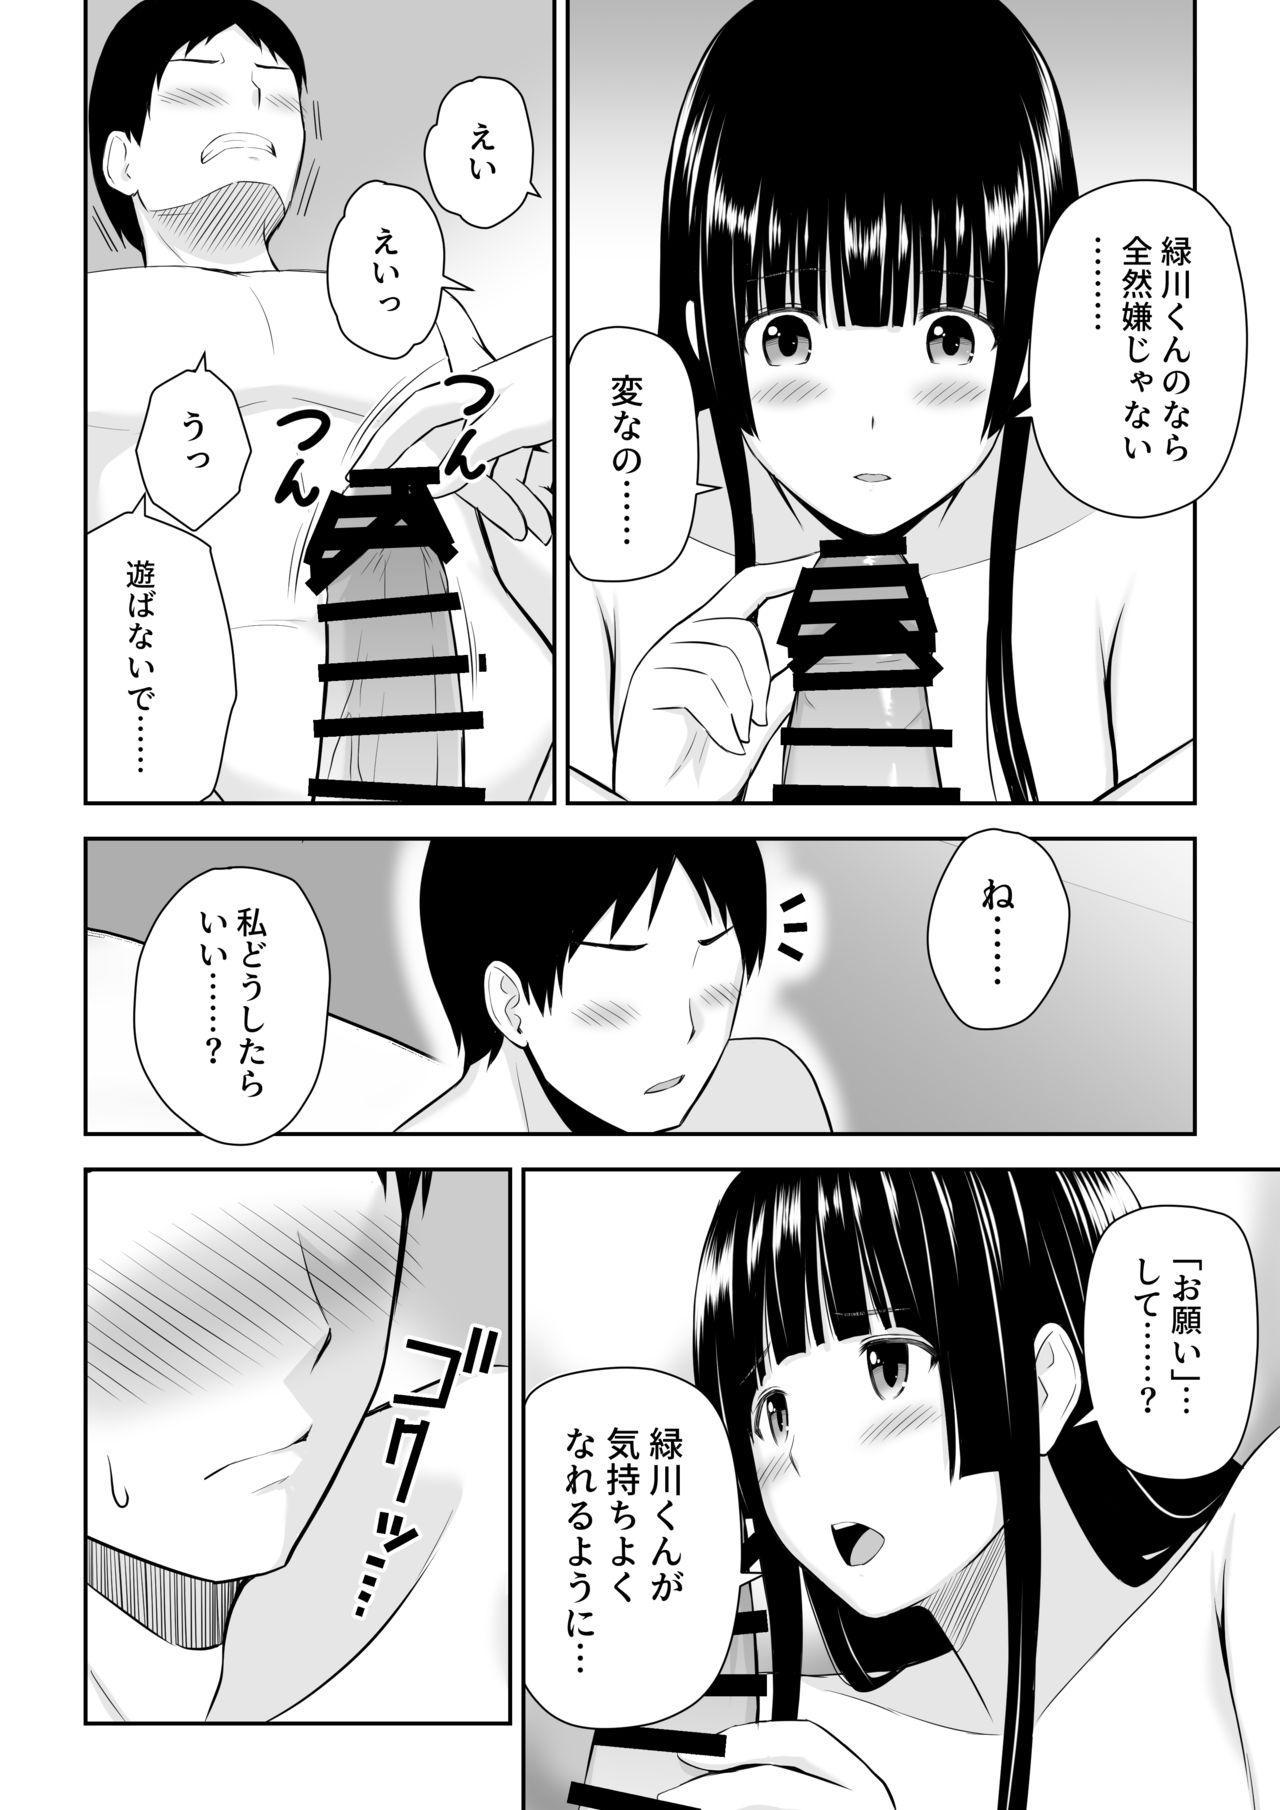 Suzushiro-san wa Onegai ni Yowai 48